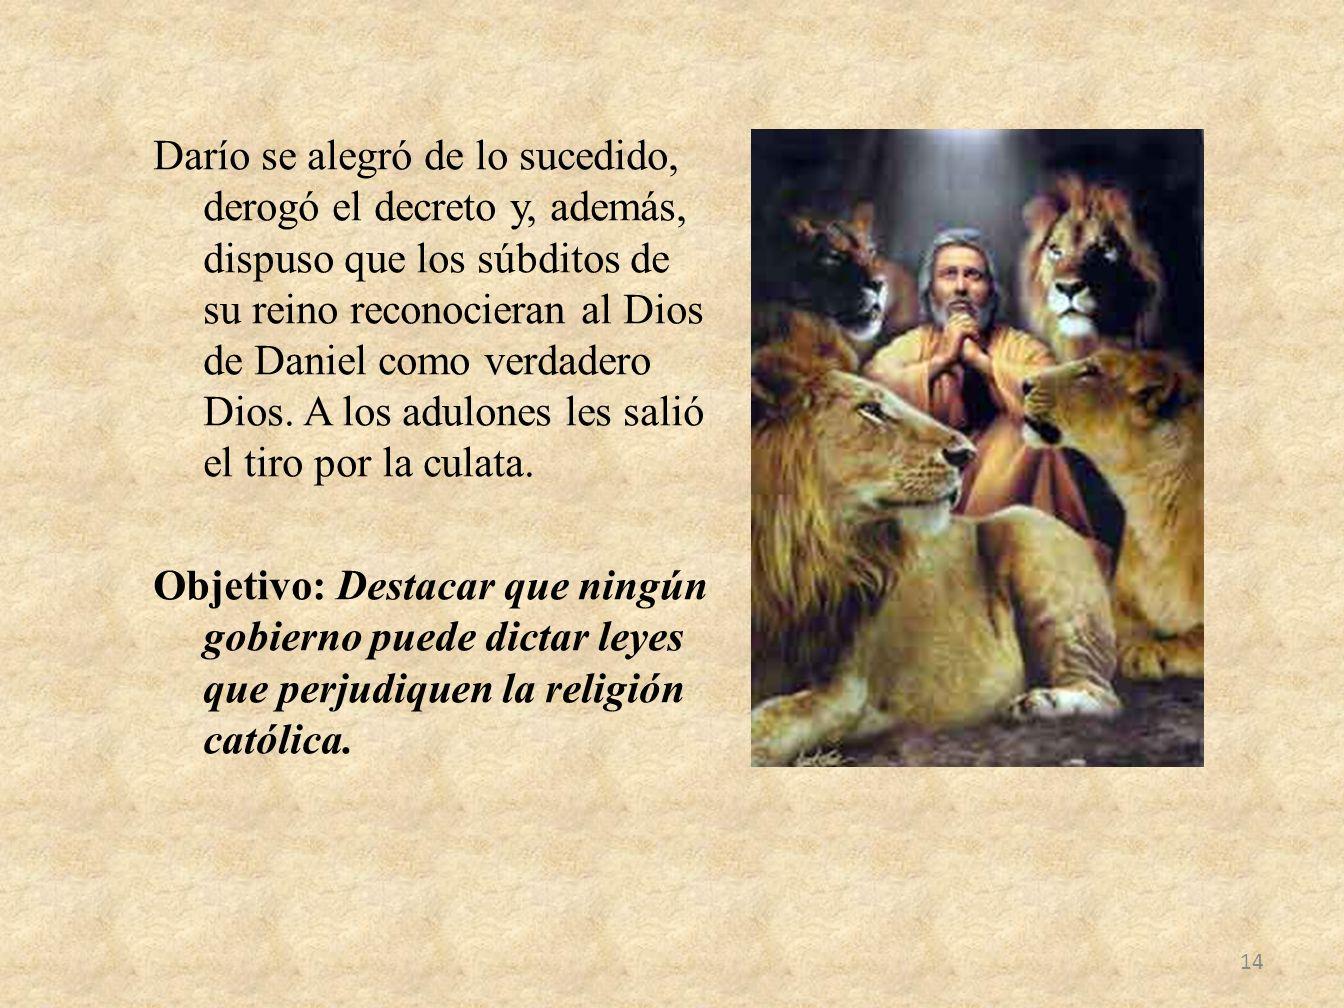 Darío se alegró de lo sucedido, derogó el decreto y, además, dispuso que los súbditos de su reino reconocieran al Dios de Daniel como verdadero Dios.